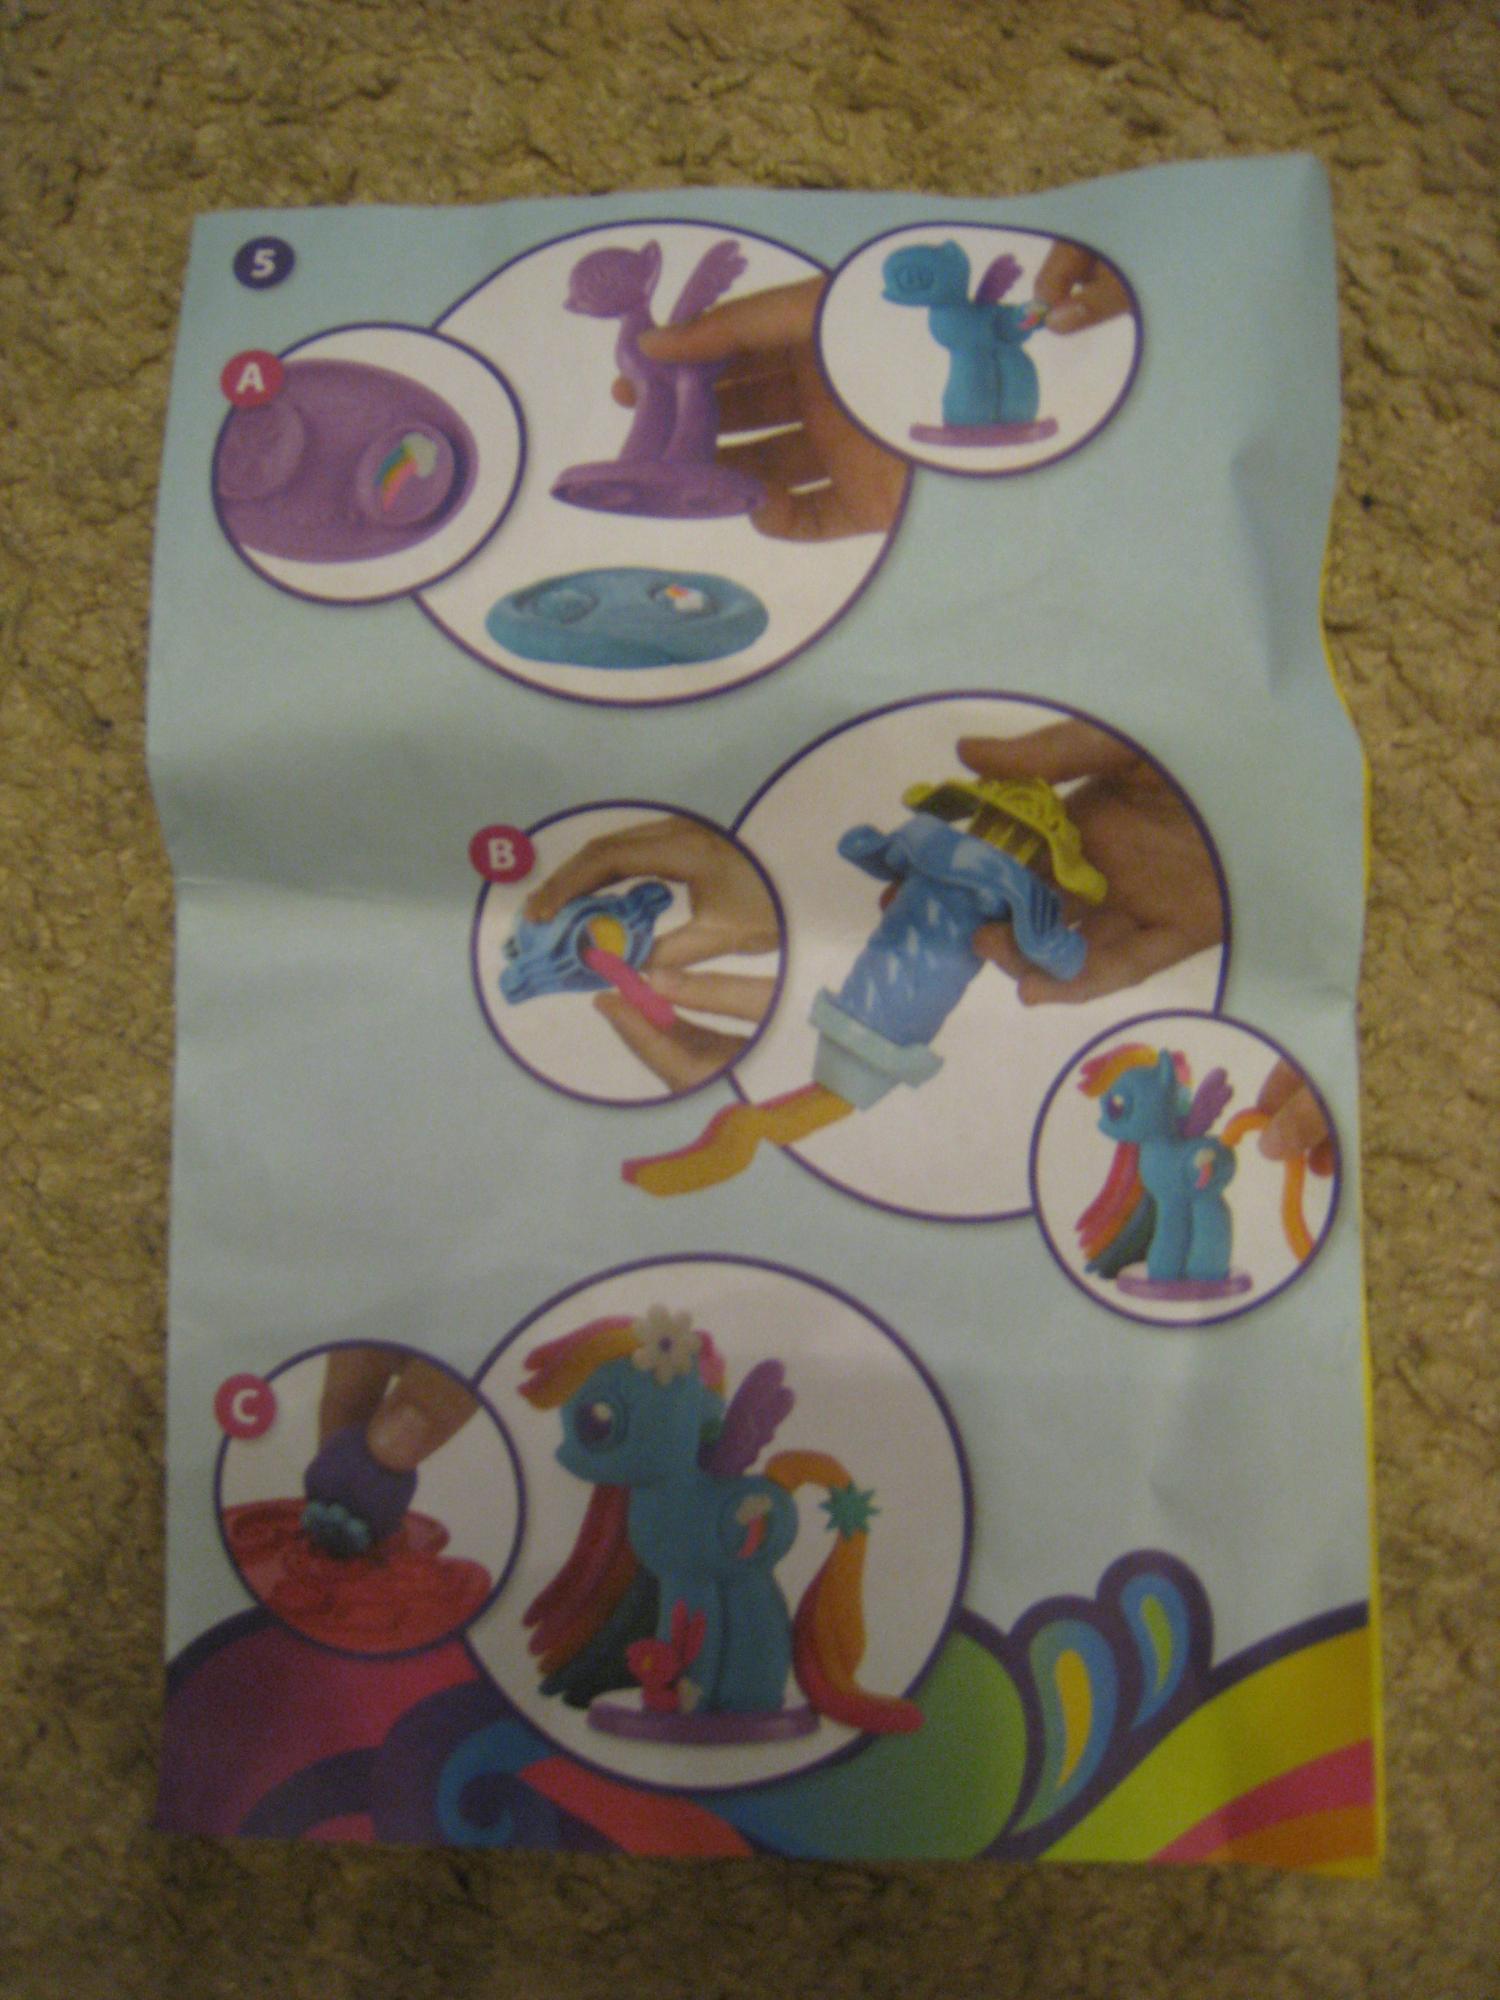 Набор Play-Doh Создай любимую пони в Москве 89161988278 купить 4